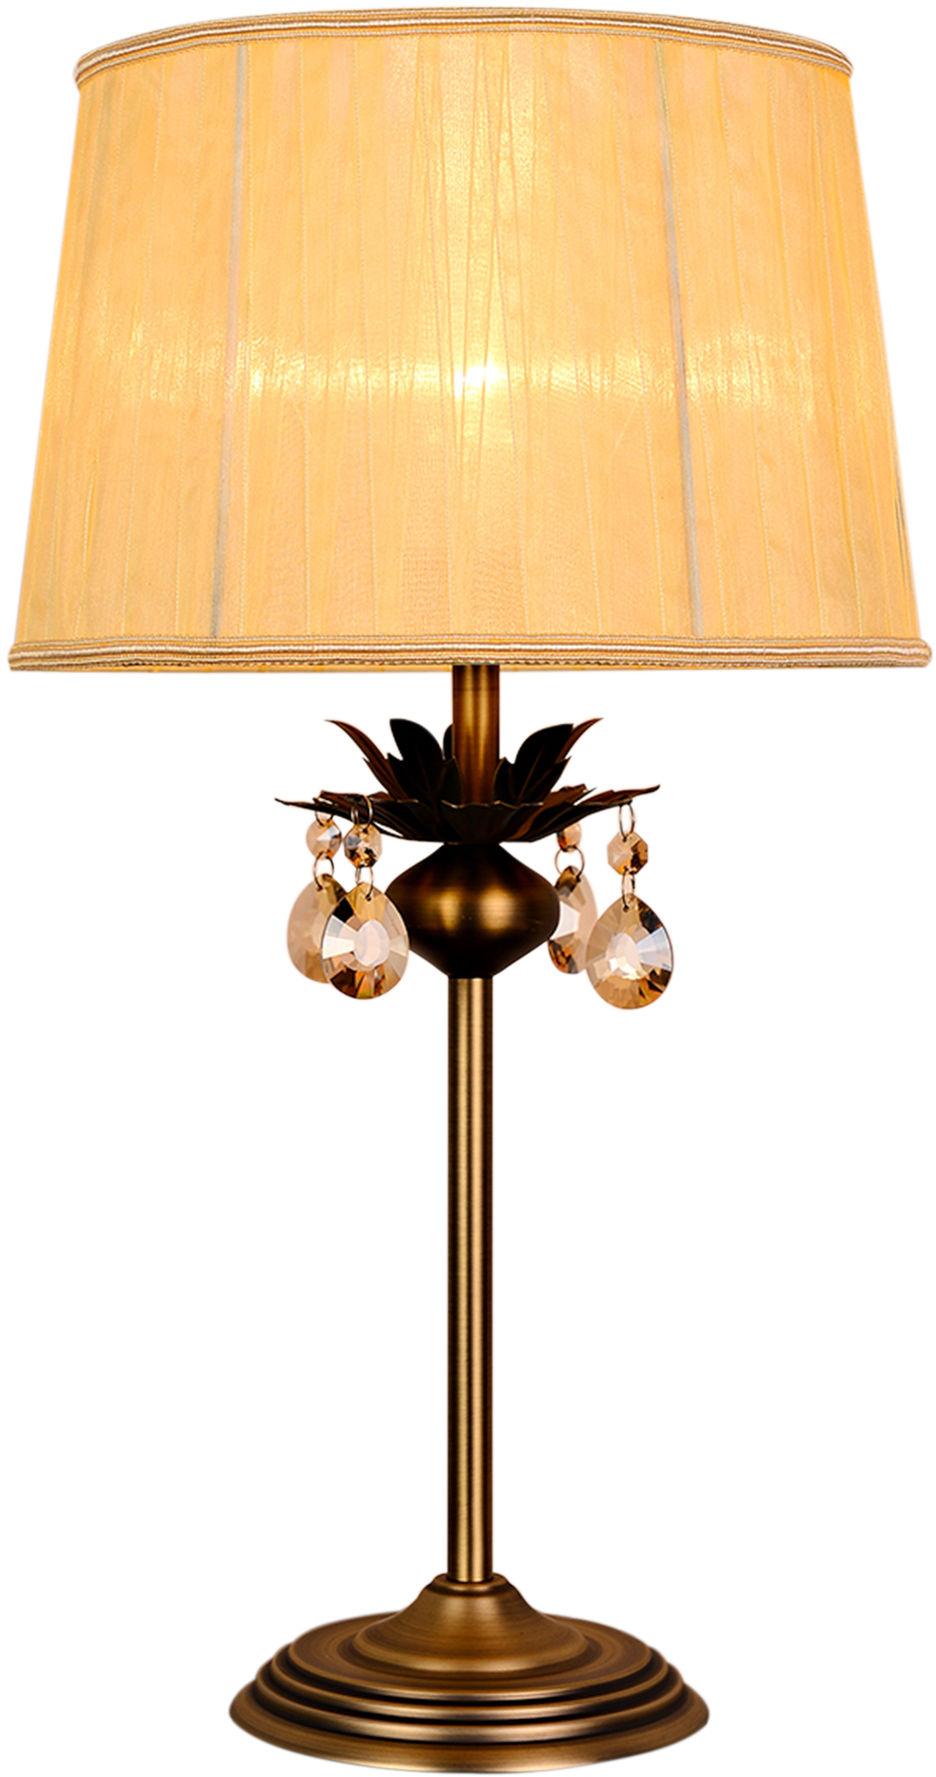 Candellux ADONIS 41-27535 lampa stołowa patyna kryształki patyna 1X60W E27 30cm